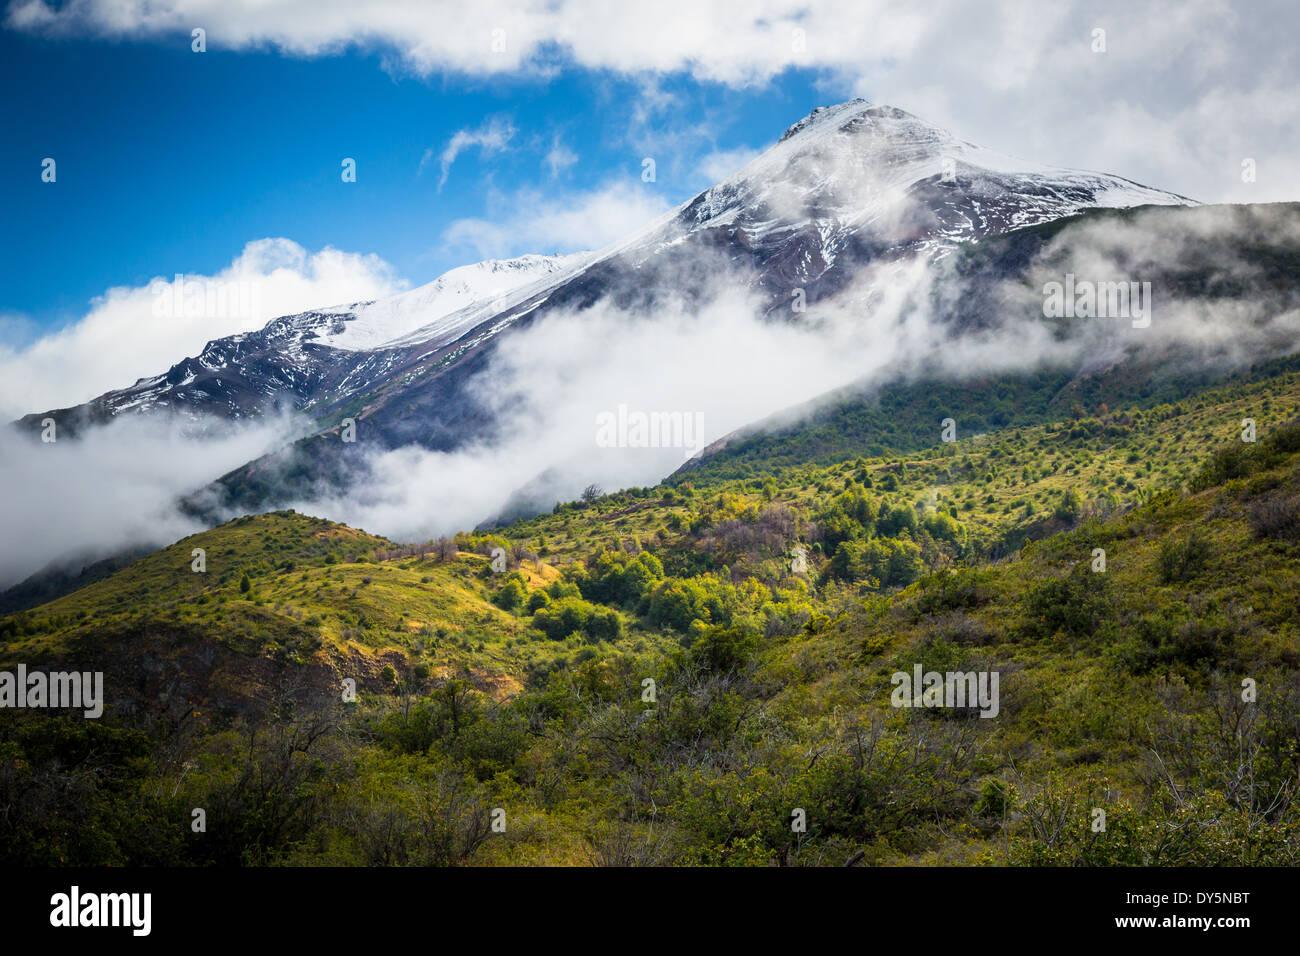 Sommet de montagne près du Parc National Los Glaciares en Patagonie, Argentine Photo Stock